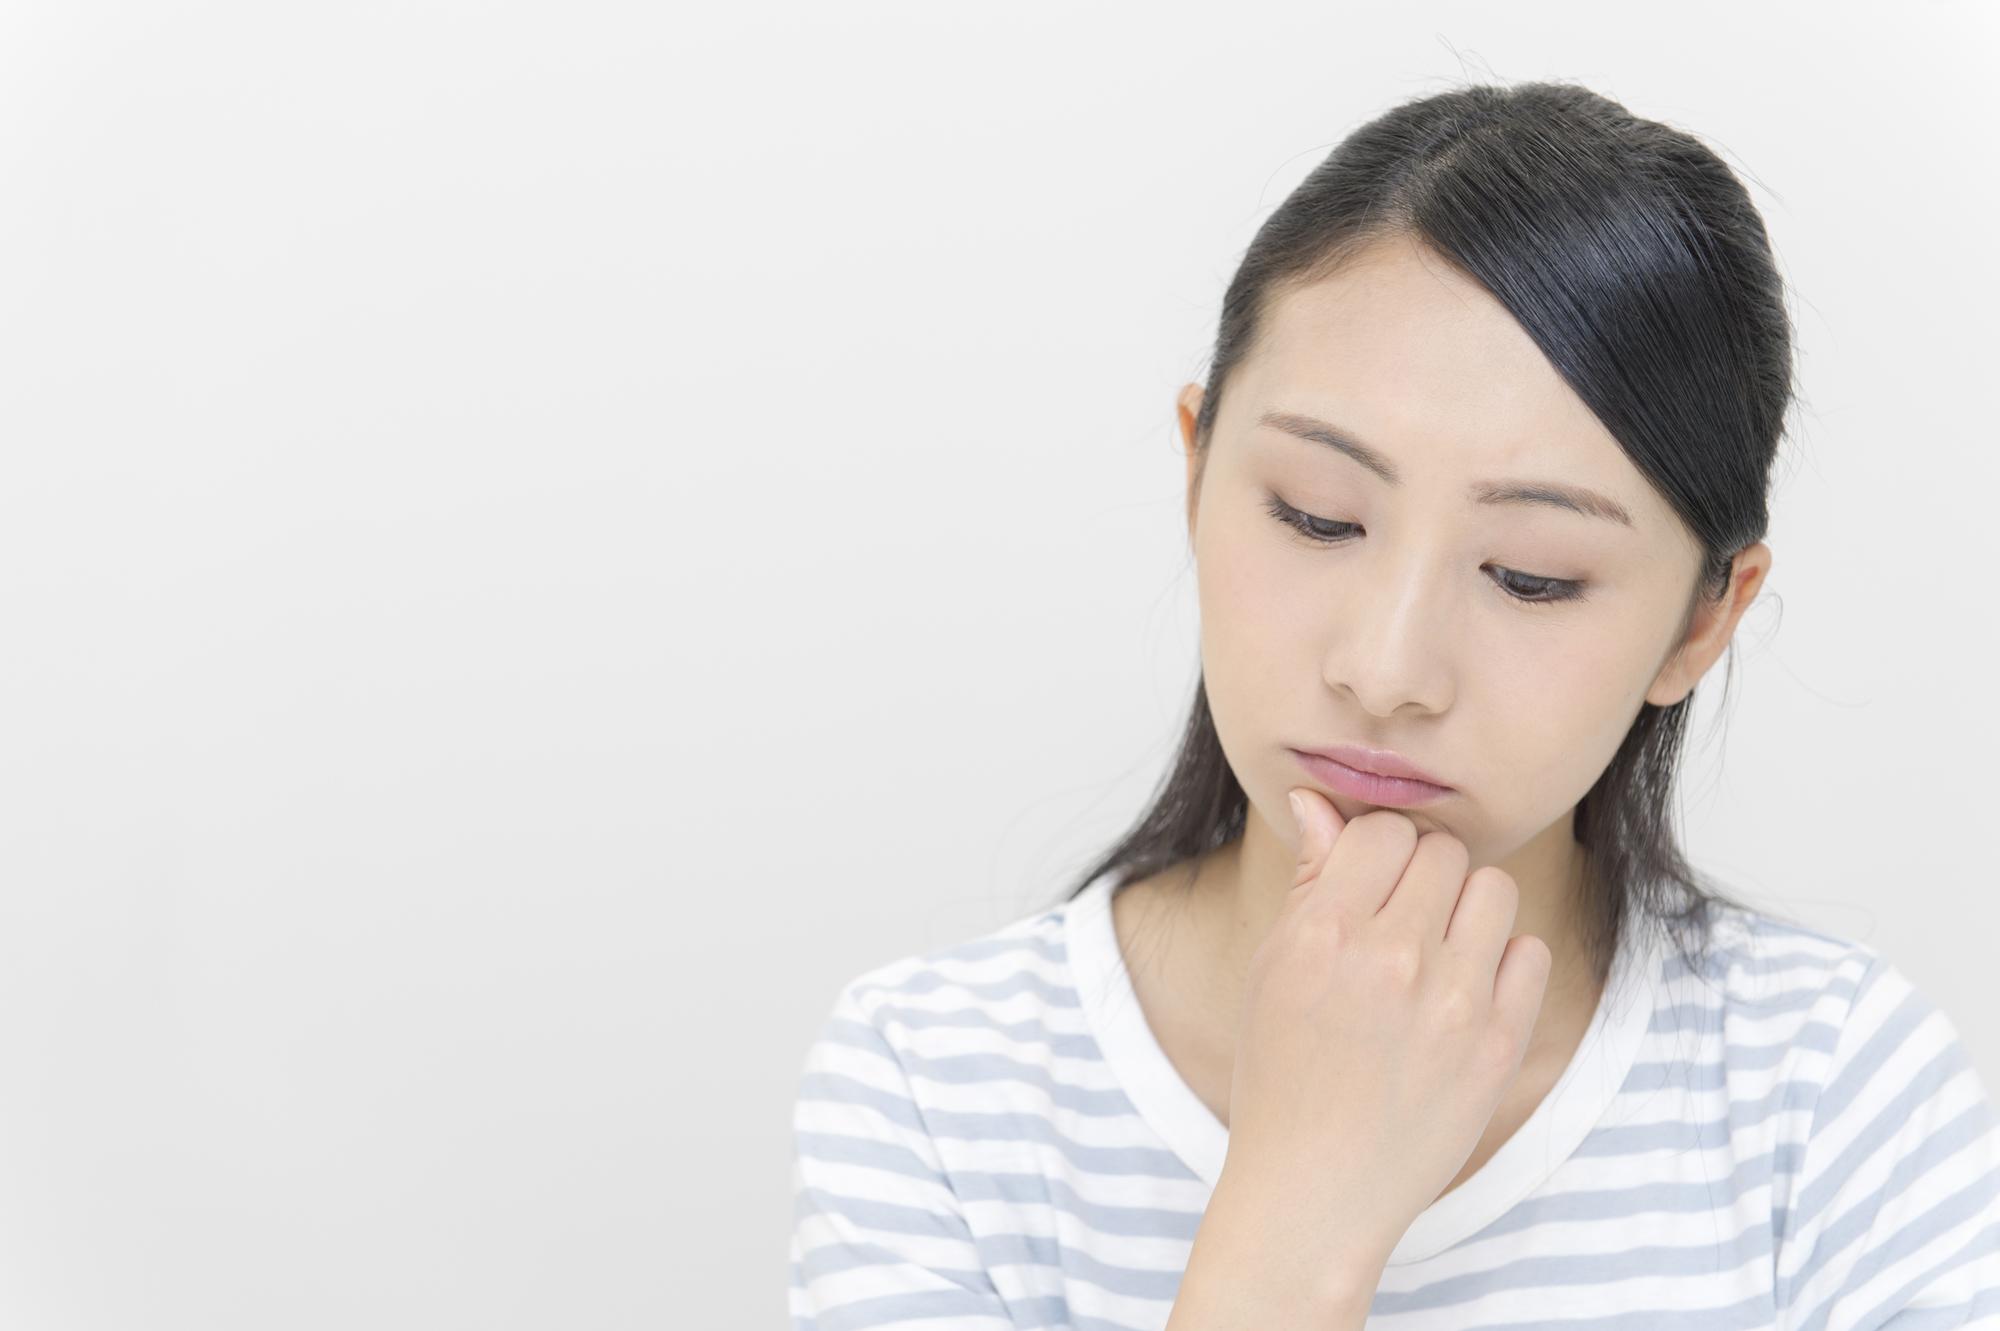 女性の薄毛に遺伝は関係ある?遺伝で起こりうる脱毛症とは?